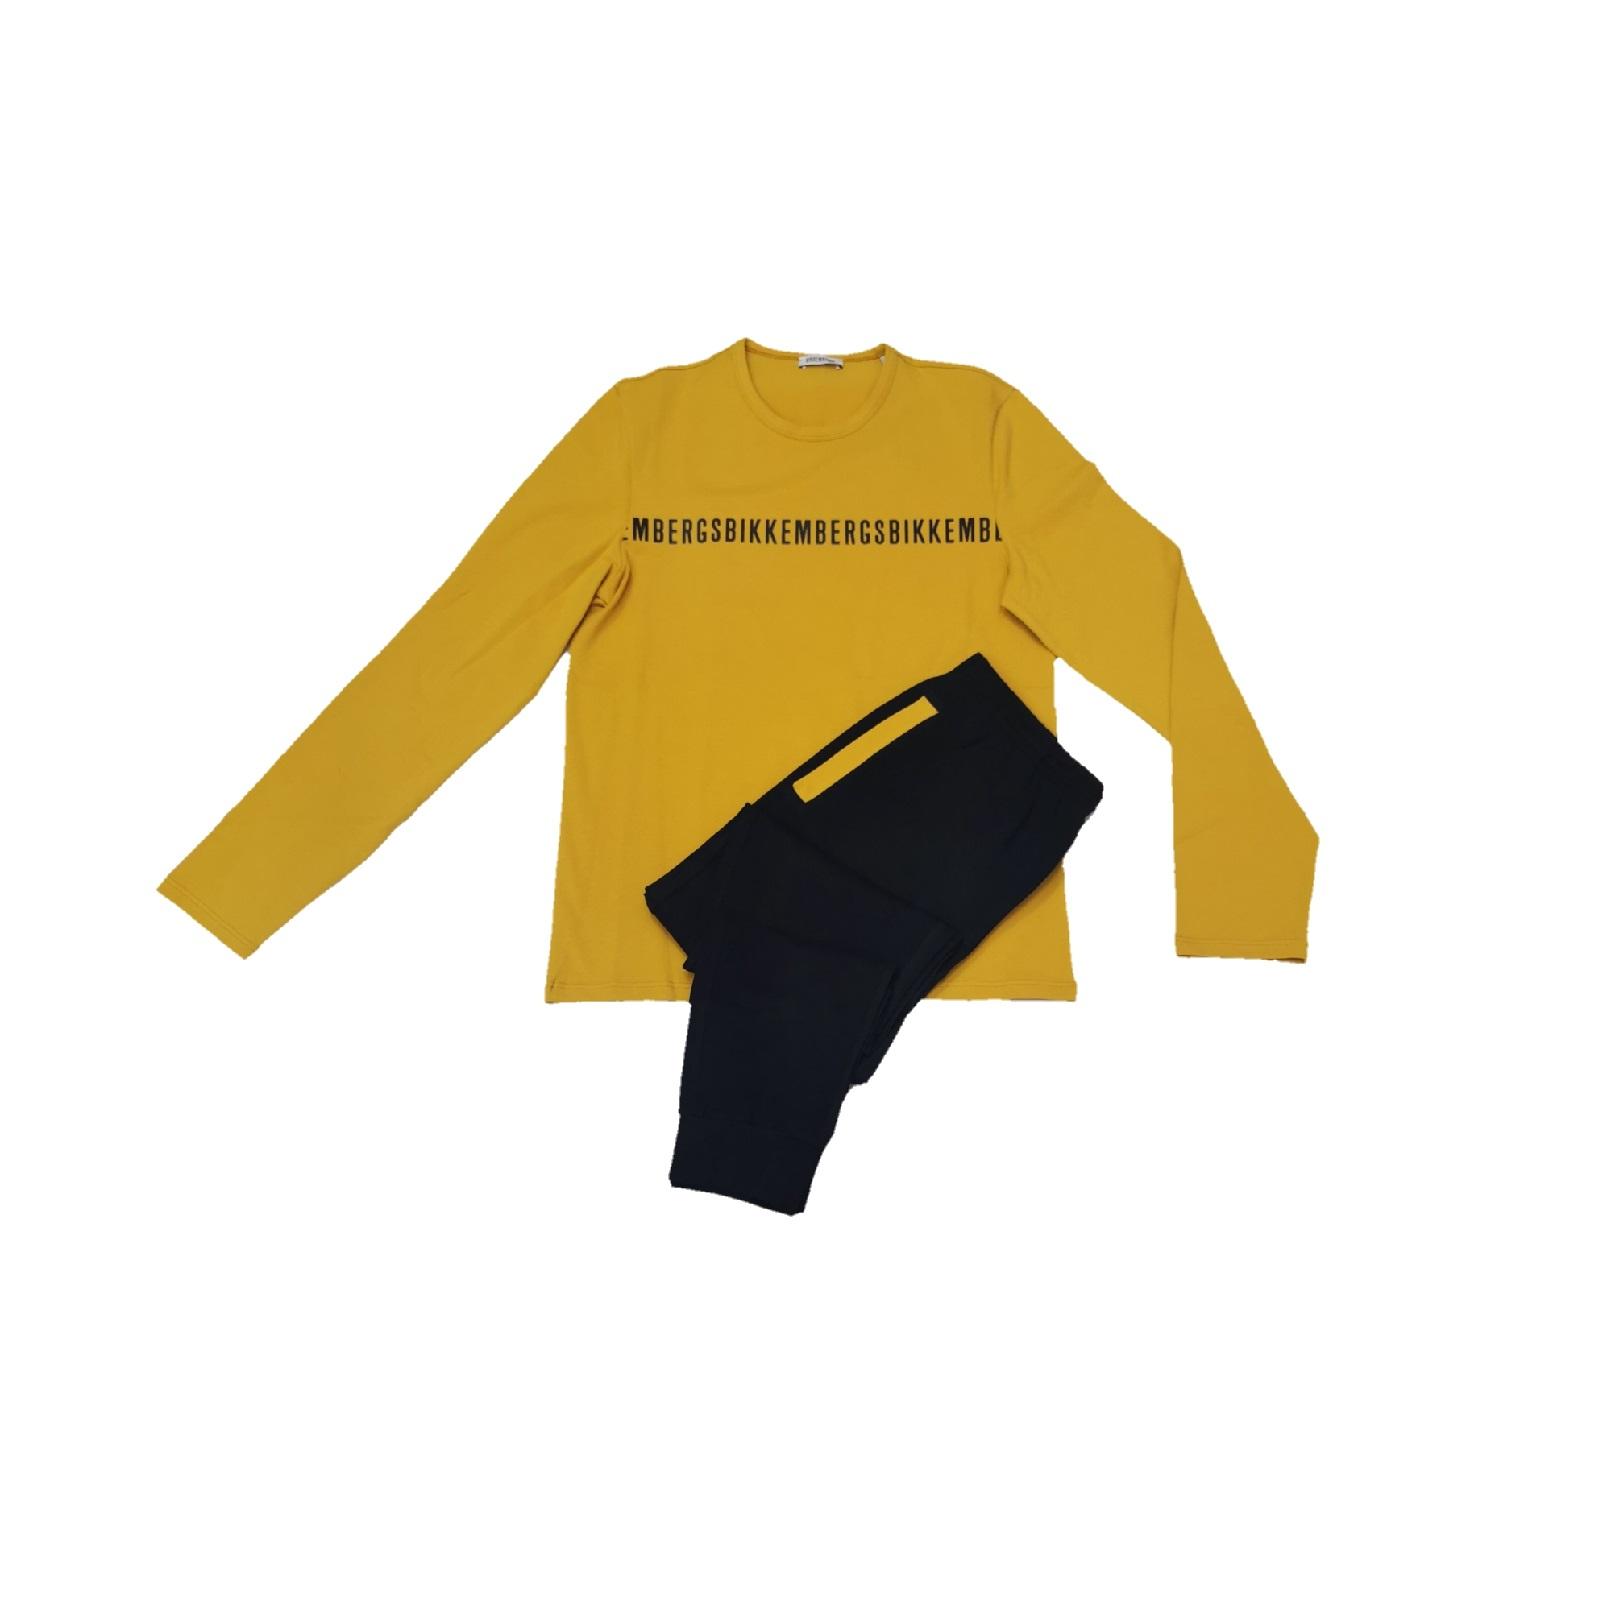 bikkembergs pigiama logo longeawear